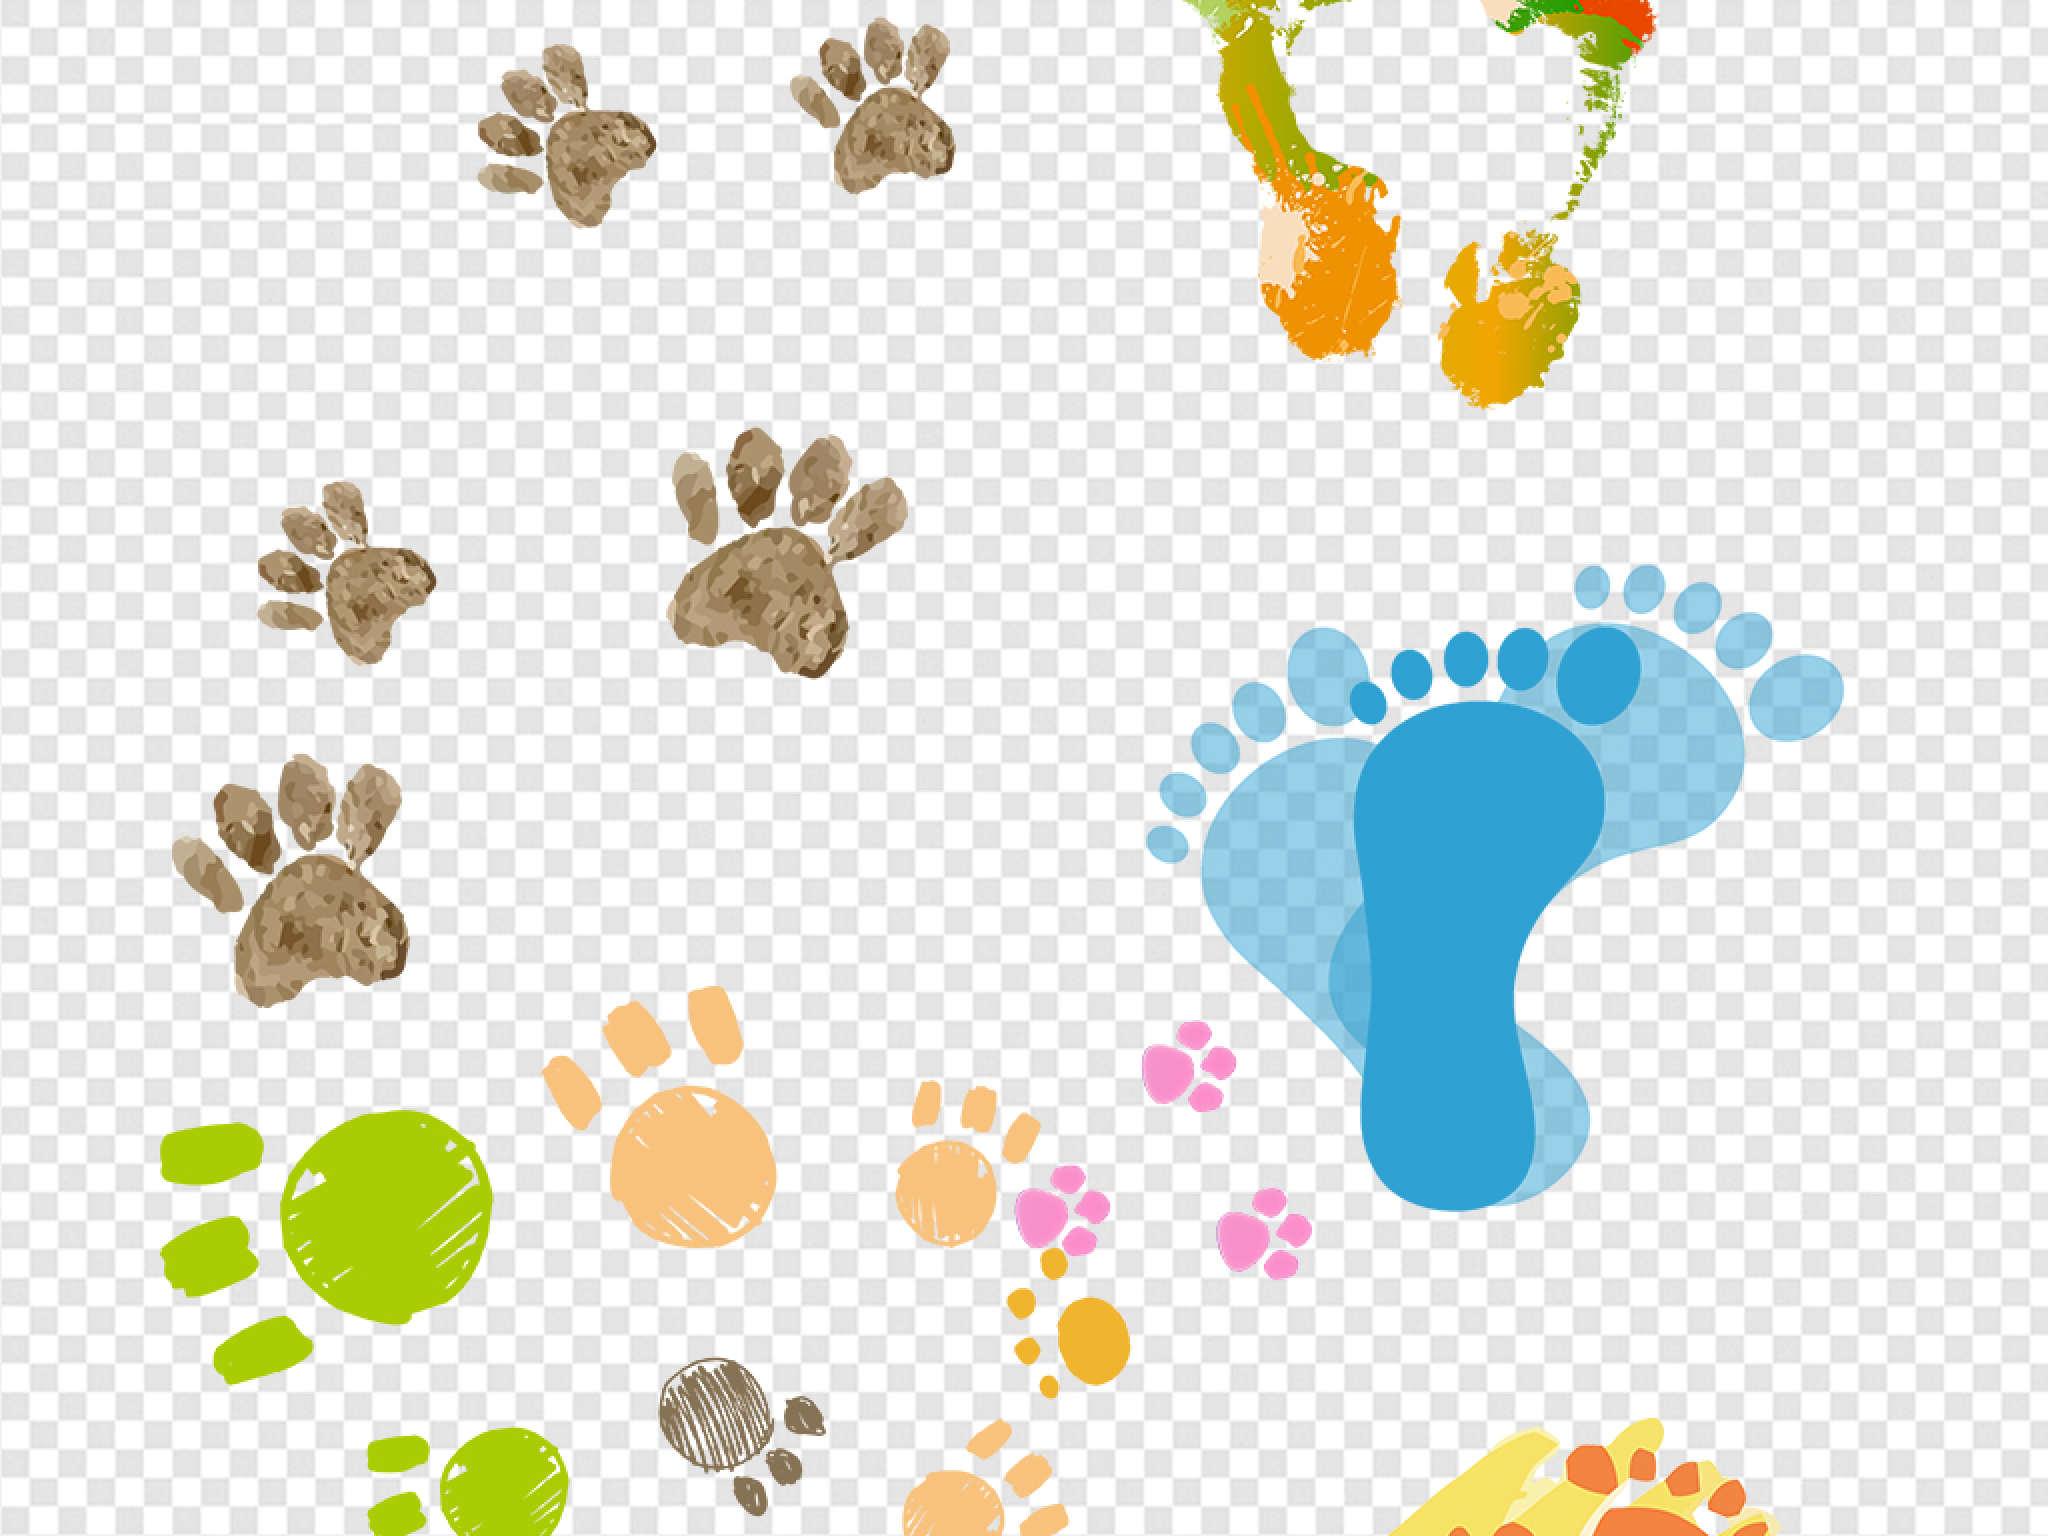 小动物们也开心的留下了自己的脚印!